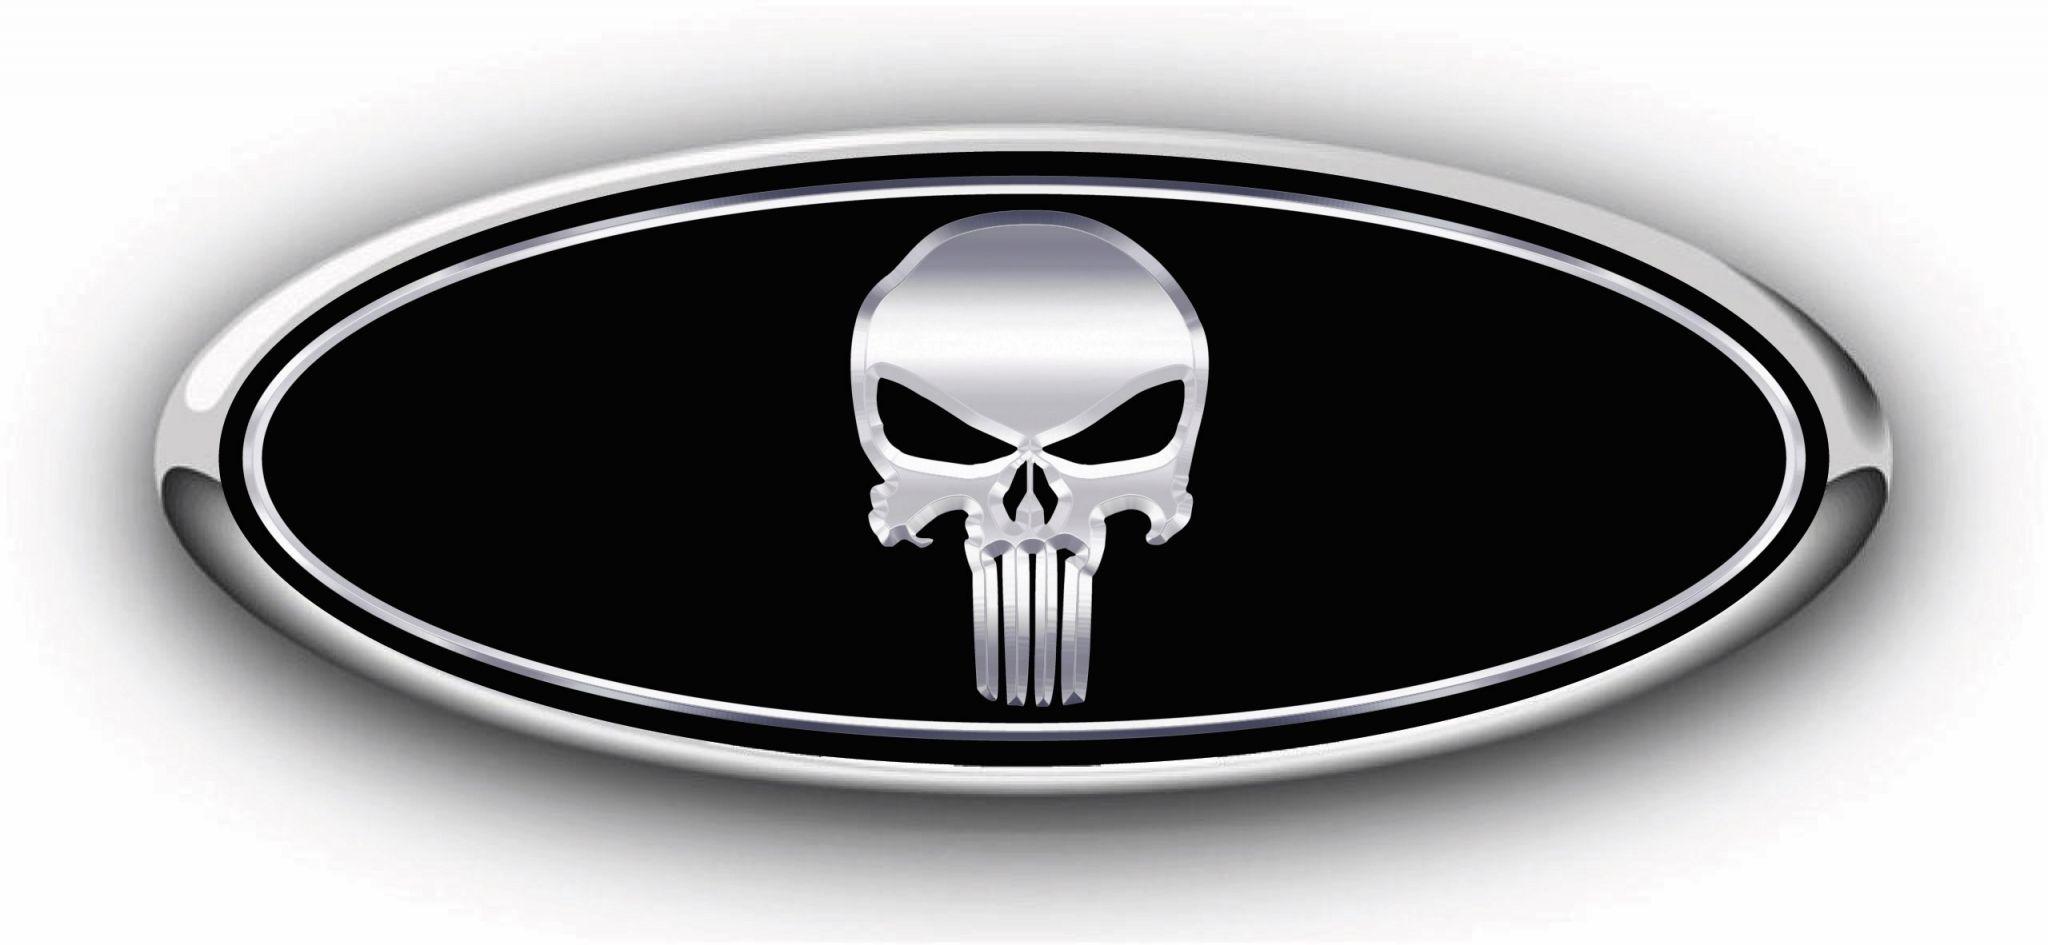 Punisher Wallpaper Hd Pack Ford Emblem Punisher Ford